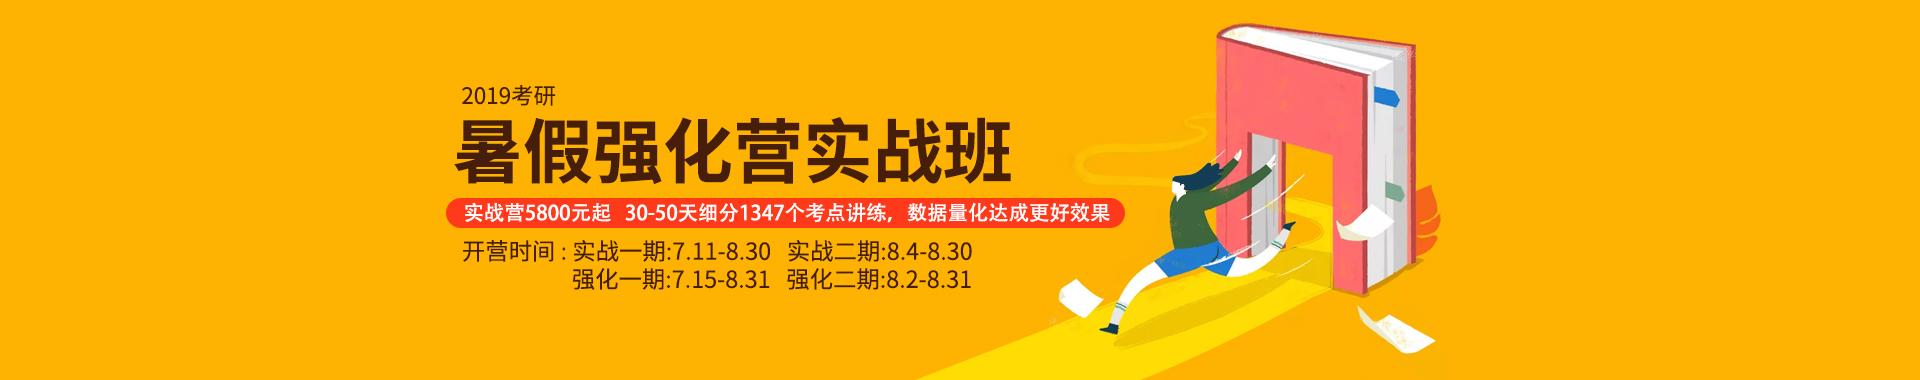 2019考研暑期集训营